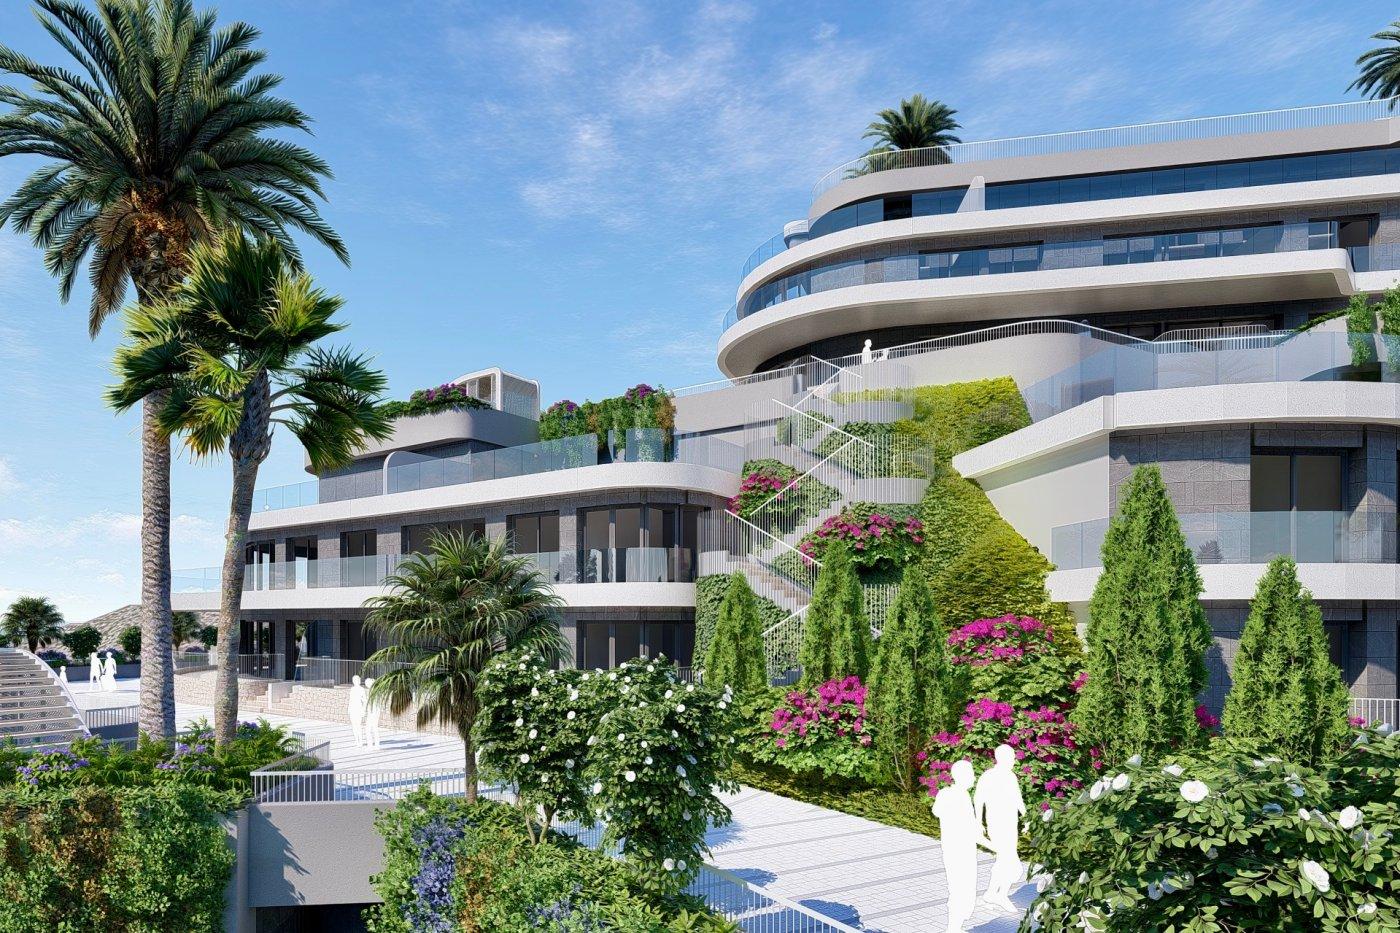 Gallery Image 16 of Apartamento de lujo de 2 dormitorios con impresionantes vistas desde la terraza de 32 m2